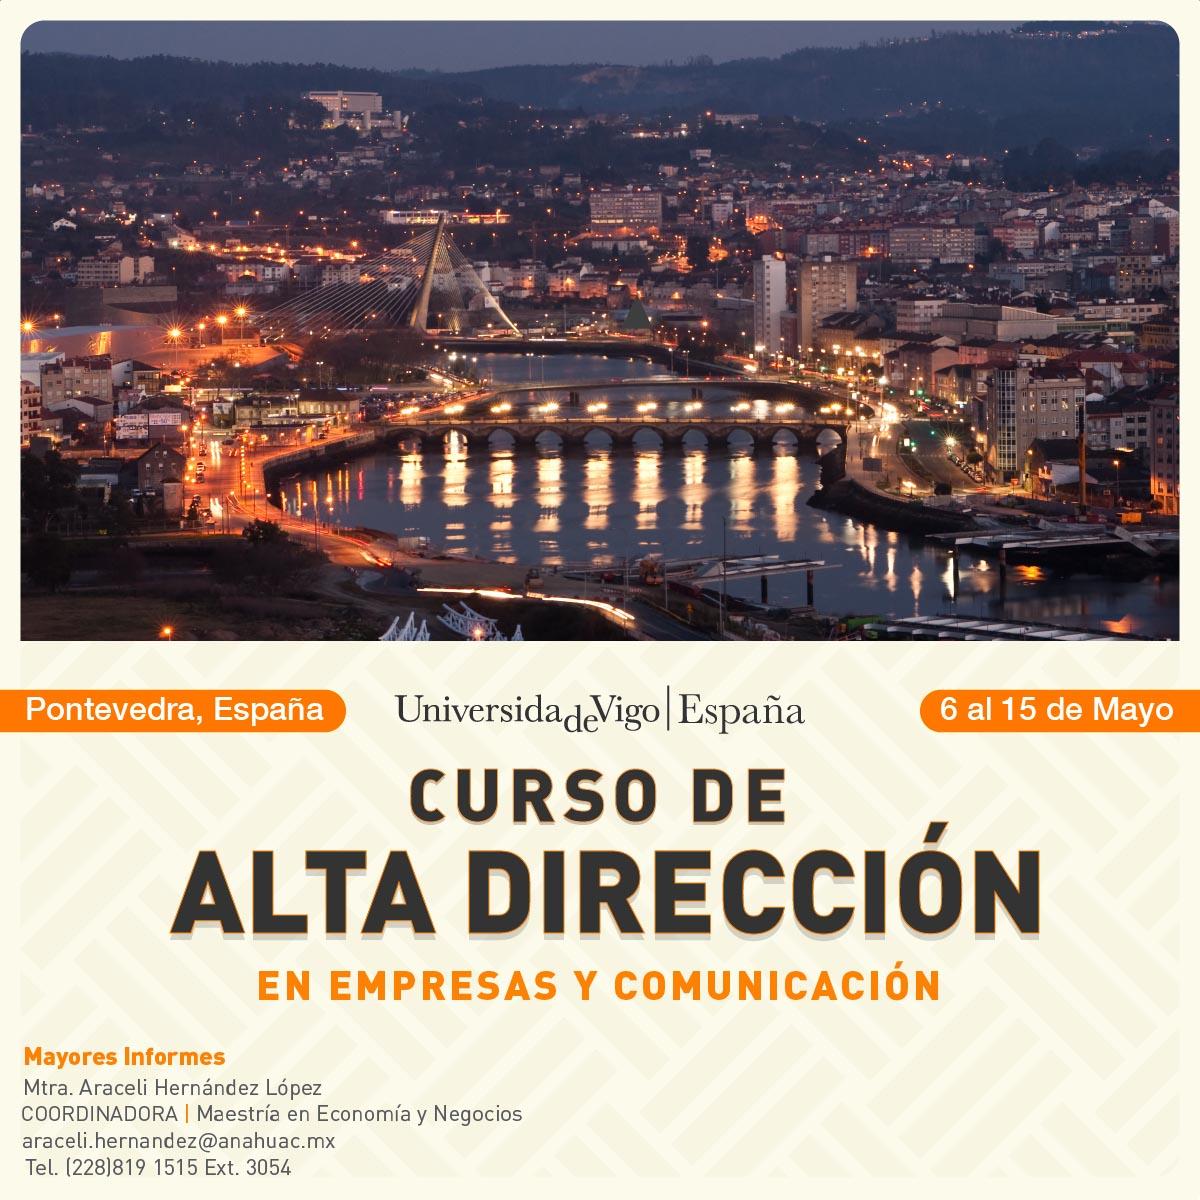 Curso de Alta Dirección en Empresas y Comunicación, España